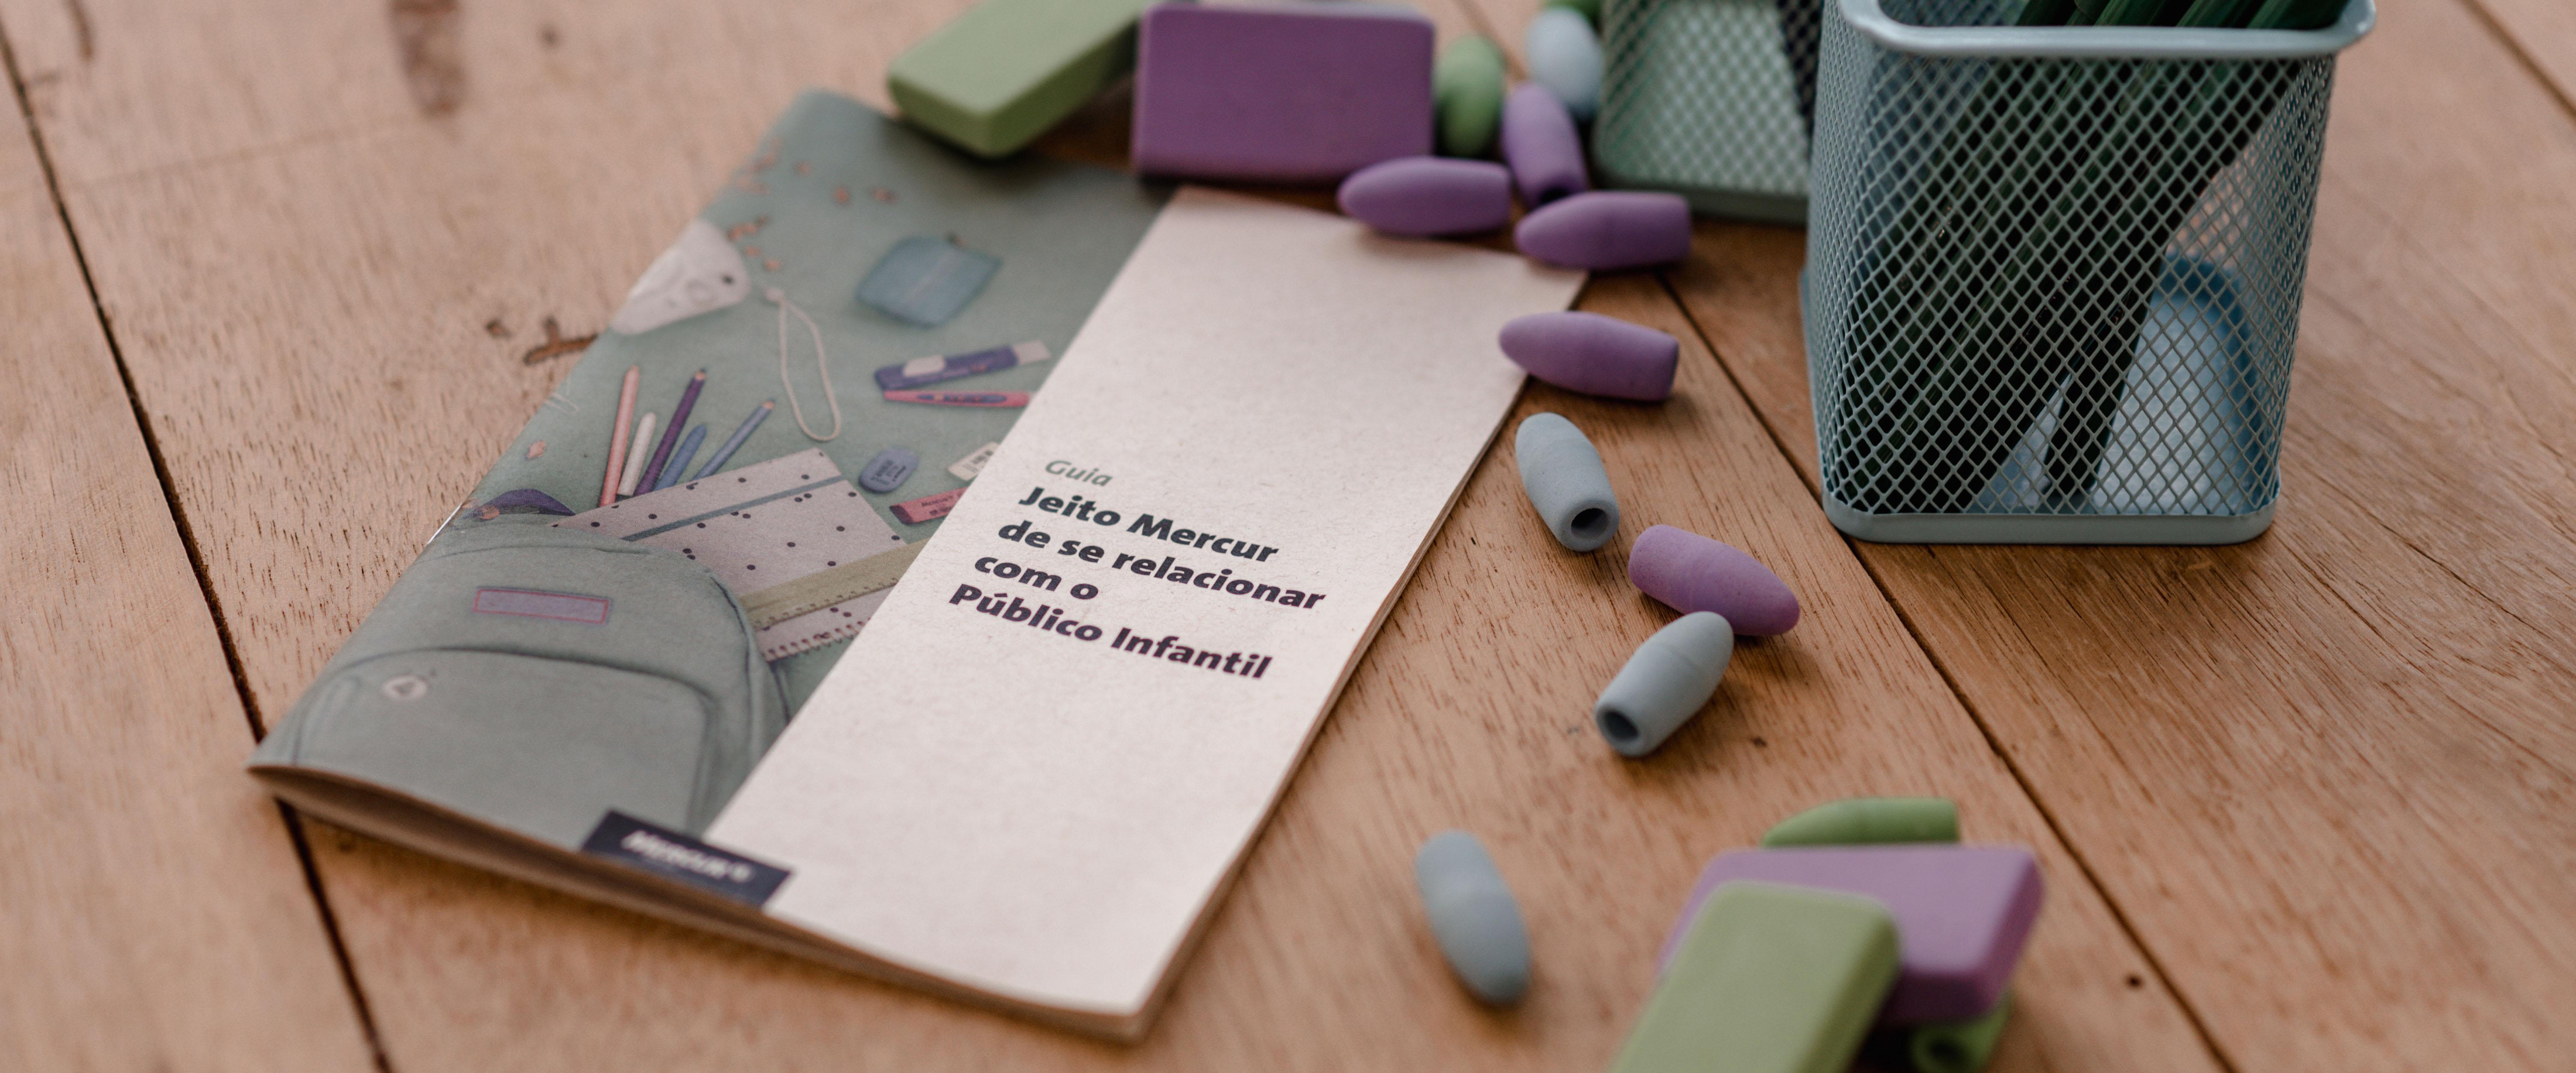 Infância protegida: Mercur lança Guia de Relacionamento com o Público Infantil